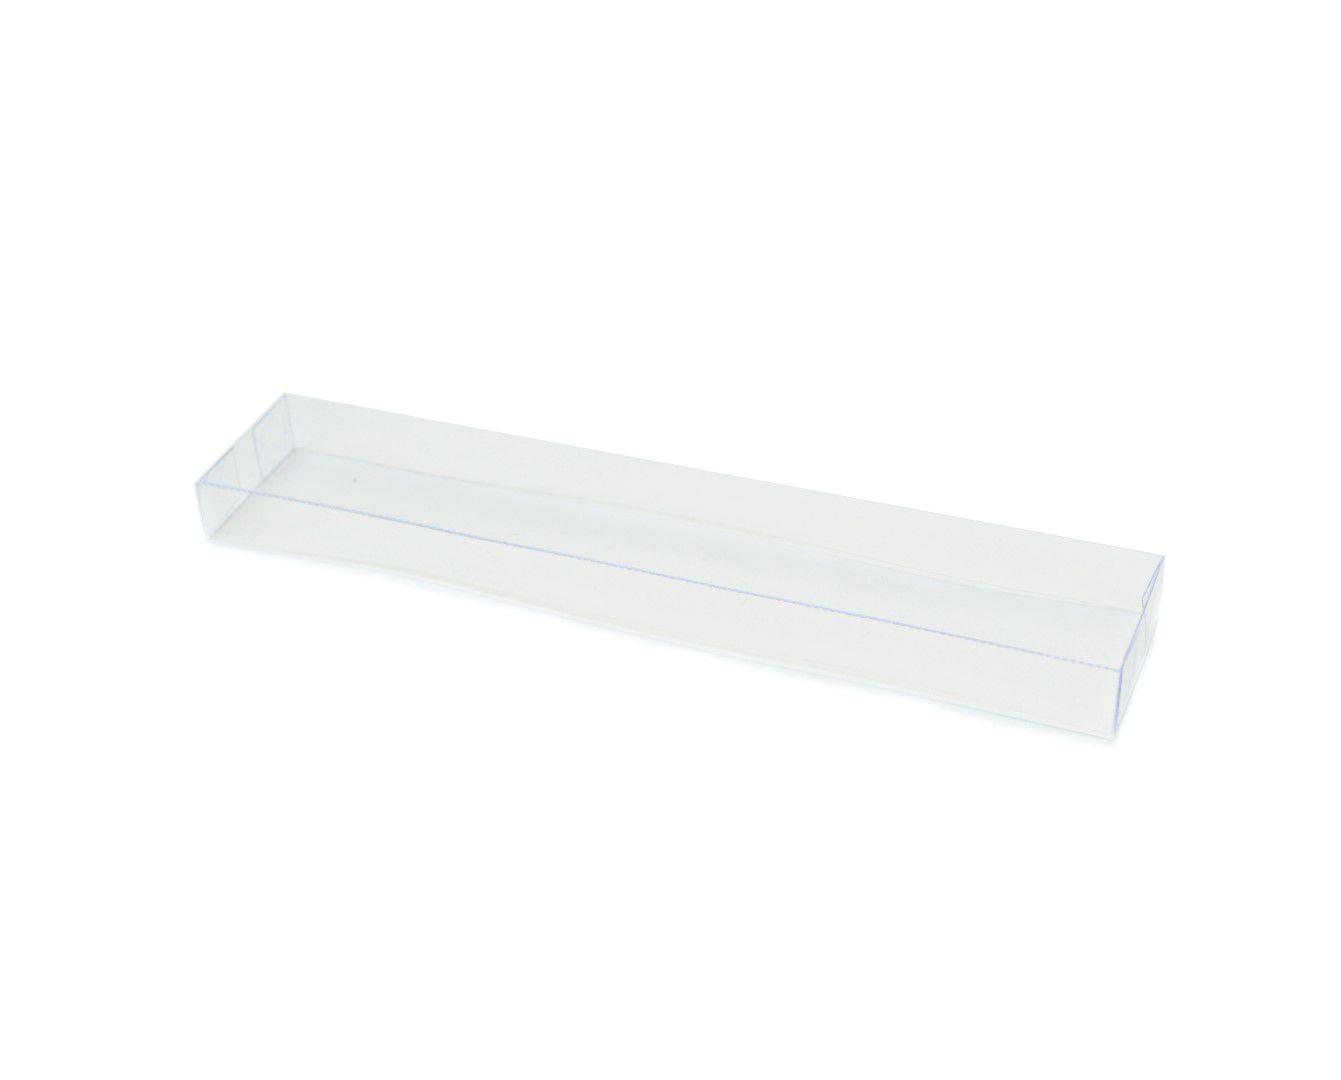 T101 - Tampa - 20x3,5x1,5 cm - Transparente